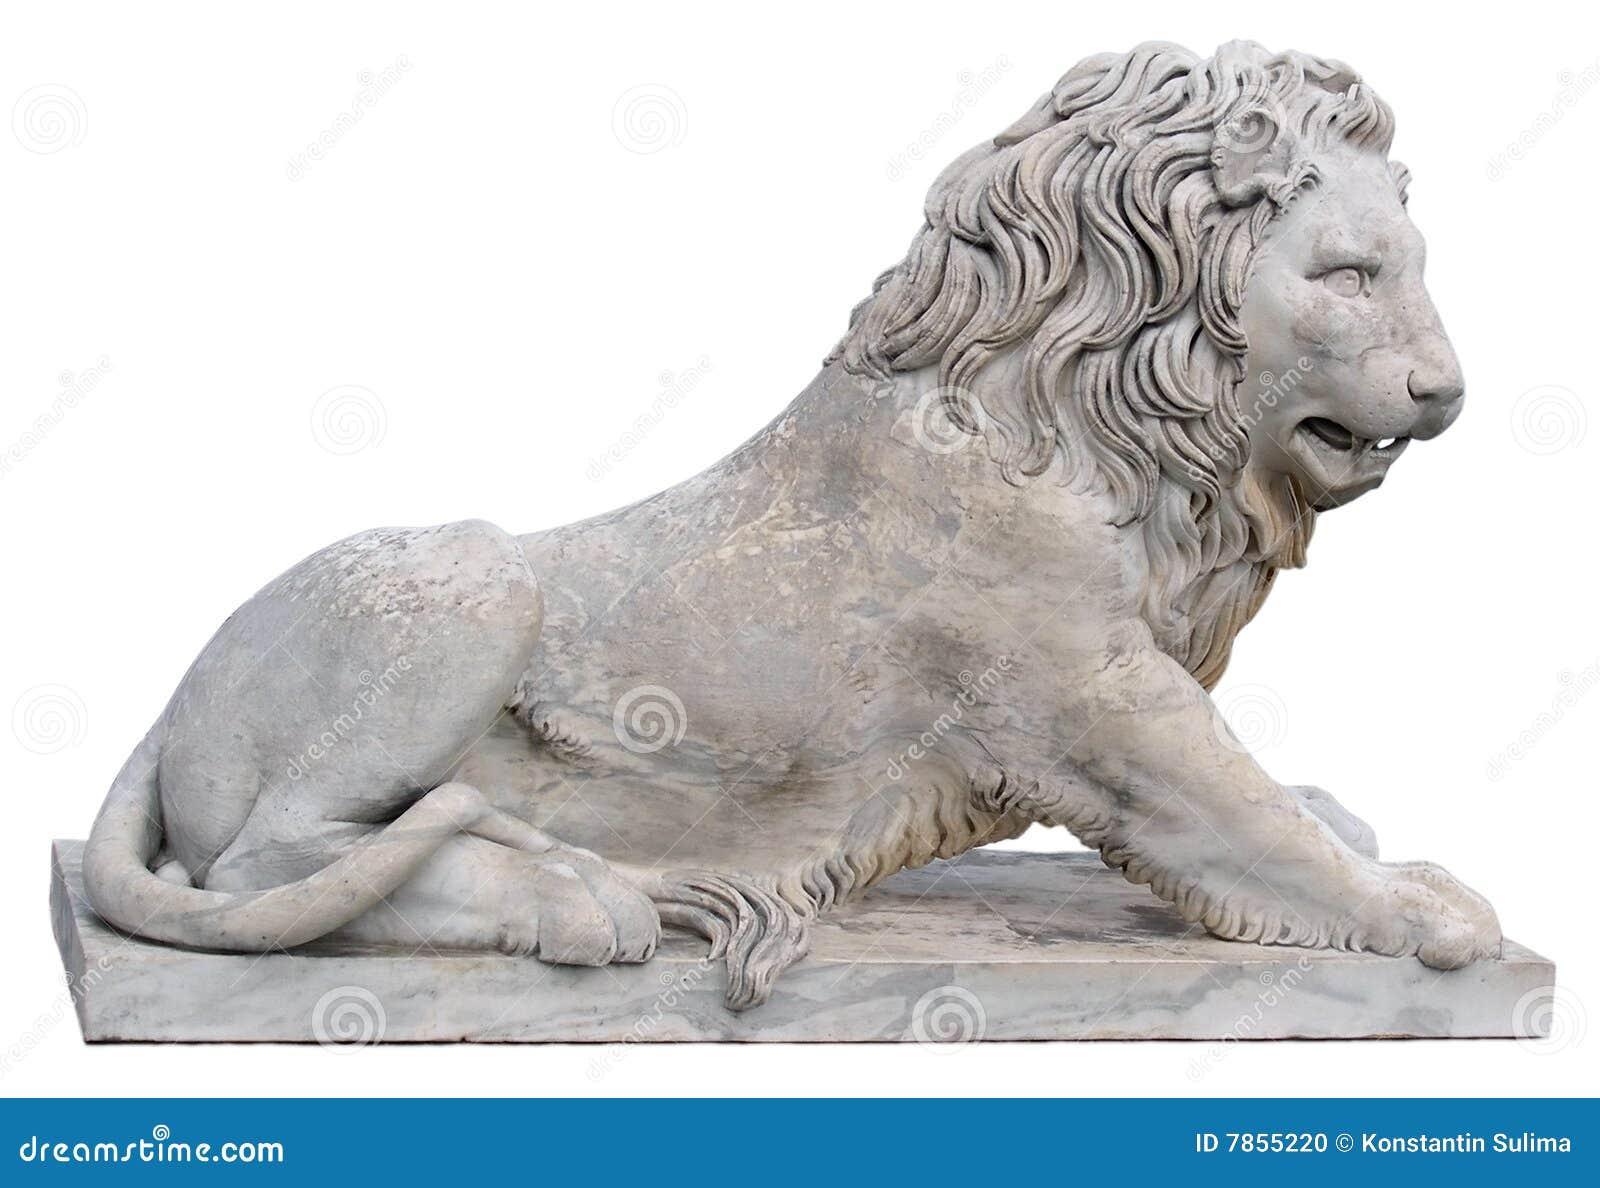 Standbeeld van een leeuw in de Krim